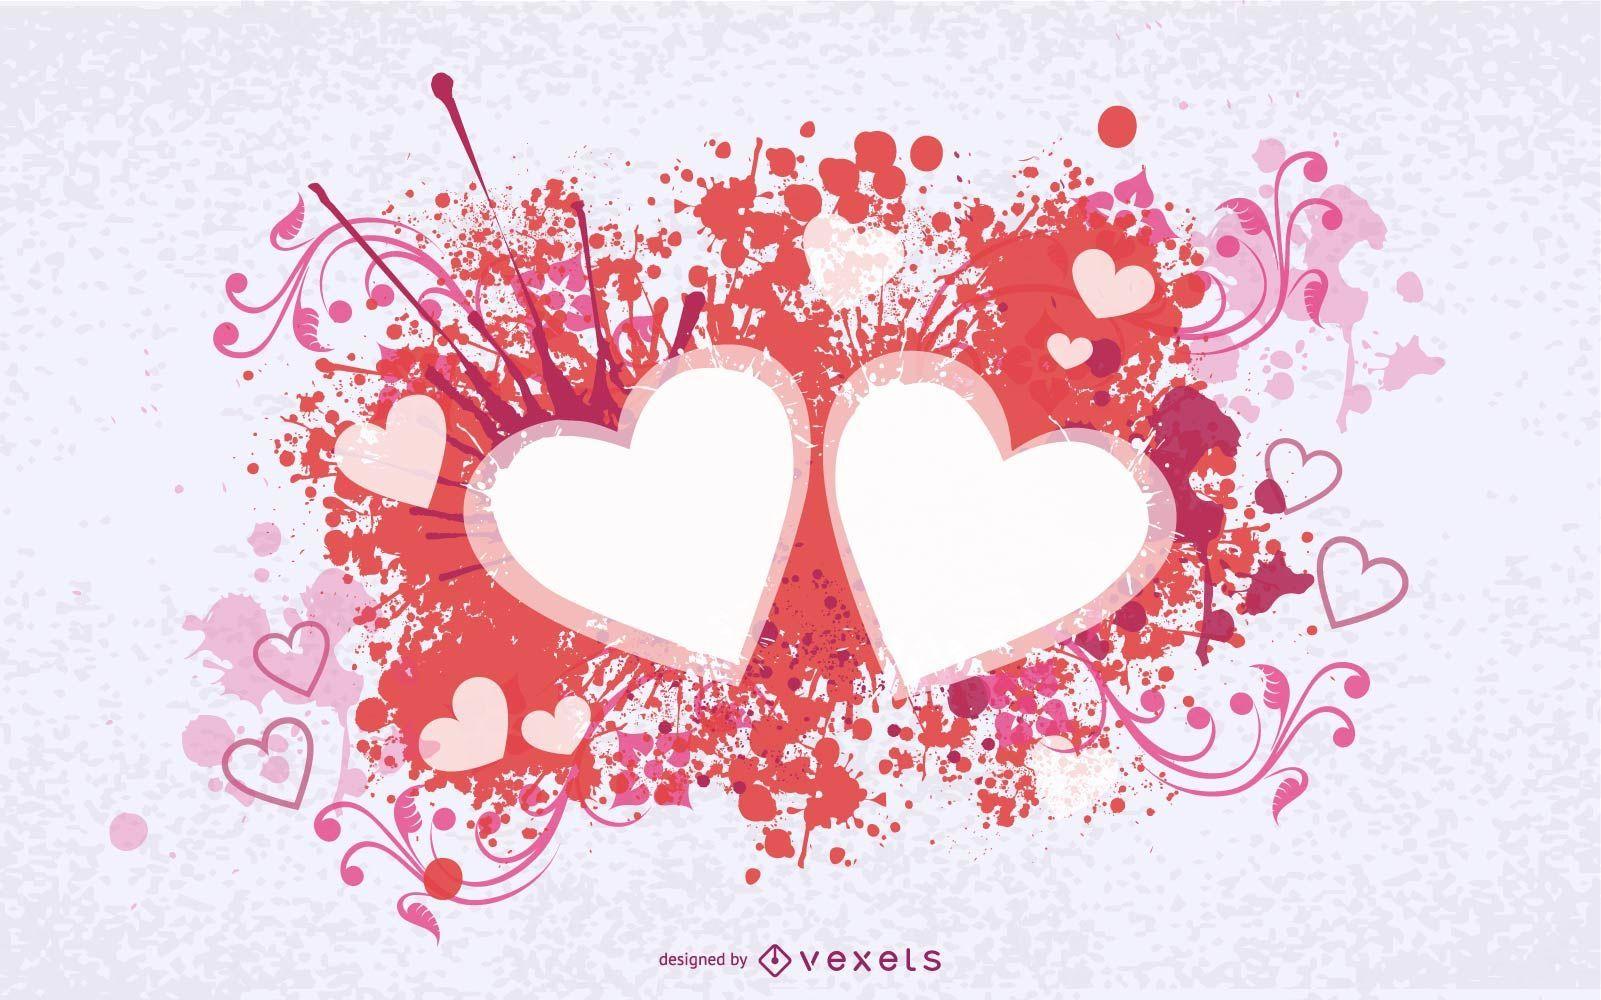 Splashed Swirls Hearts Valentine Card